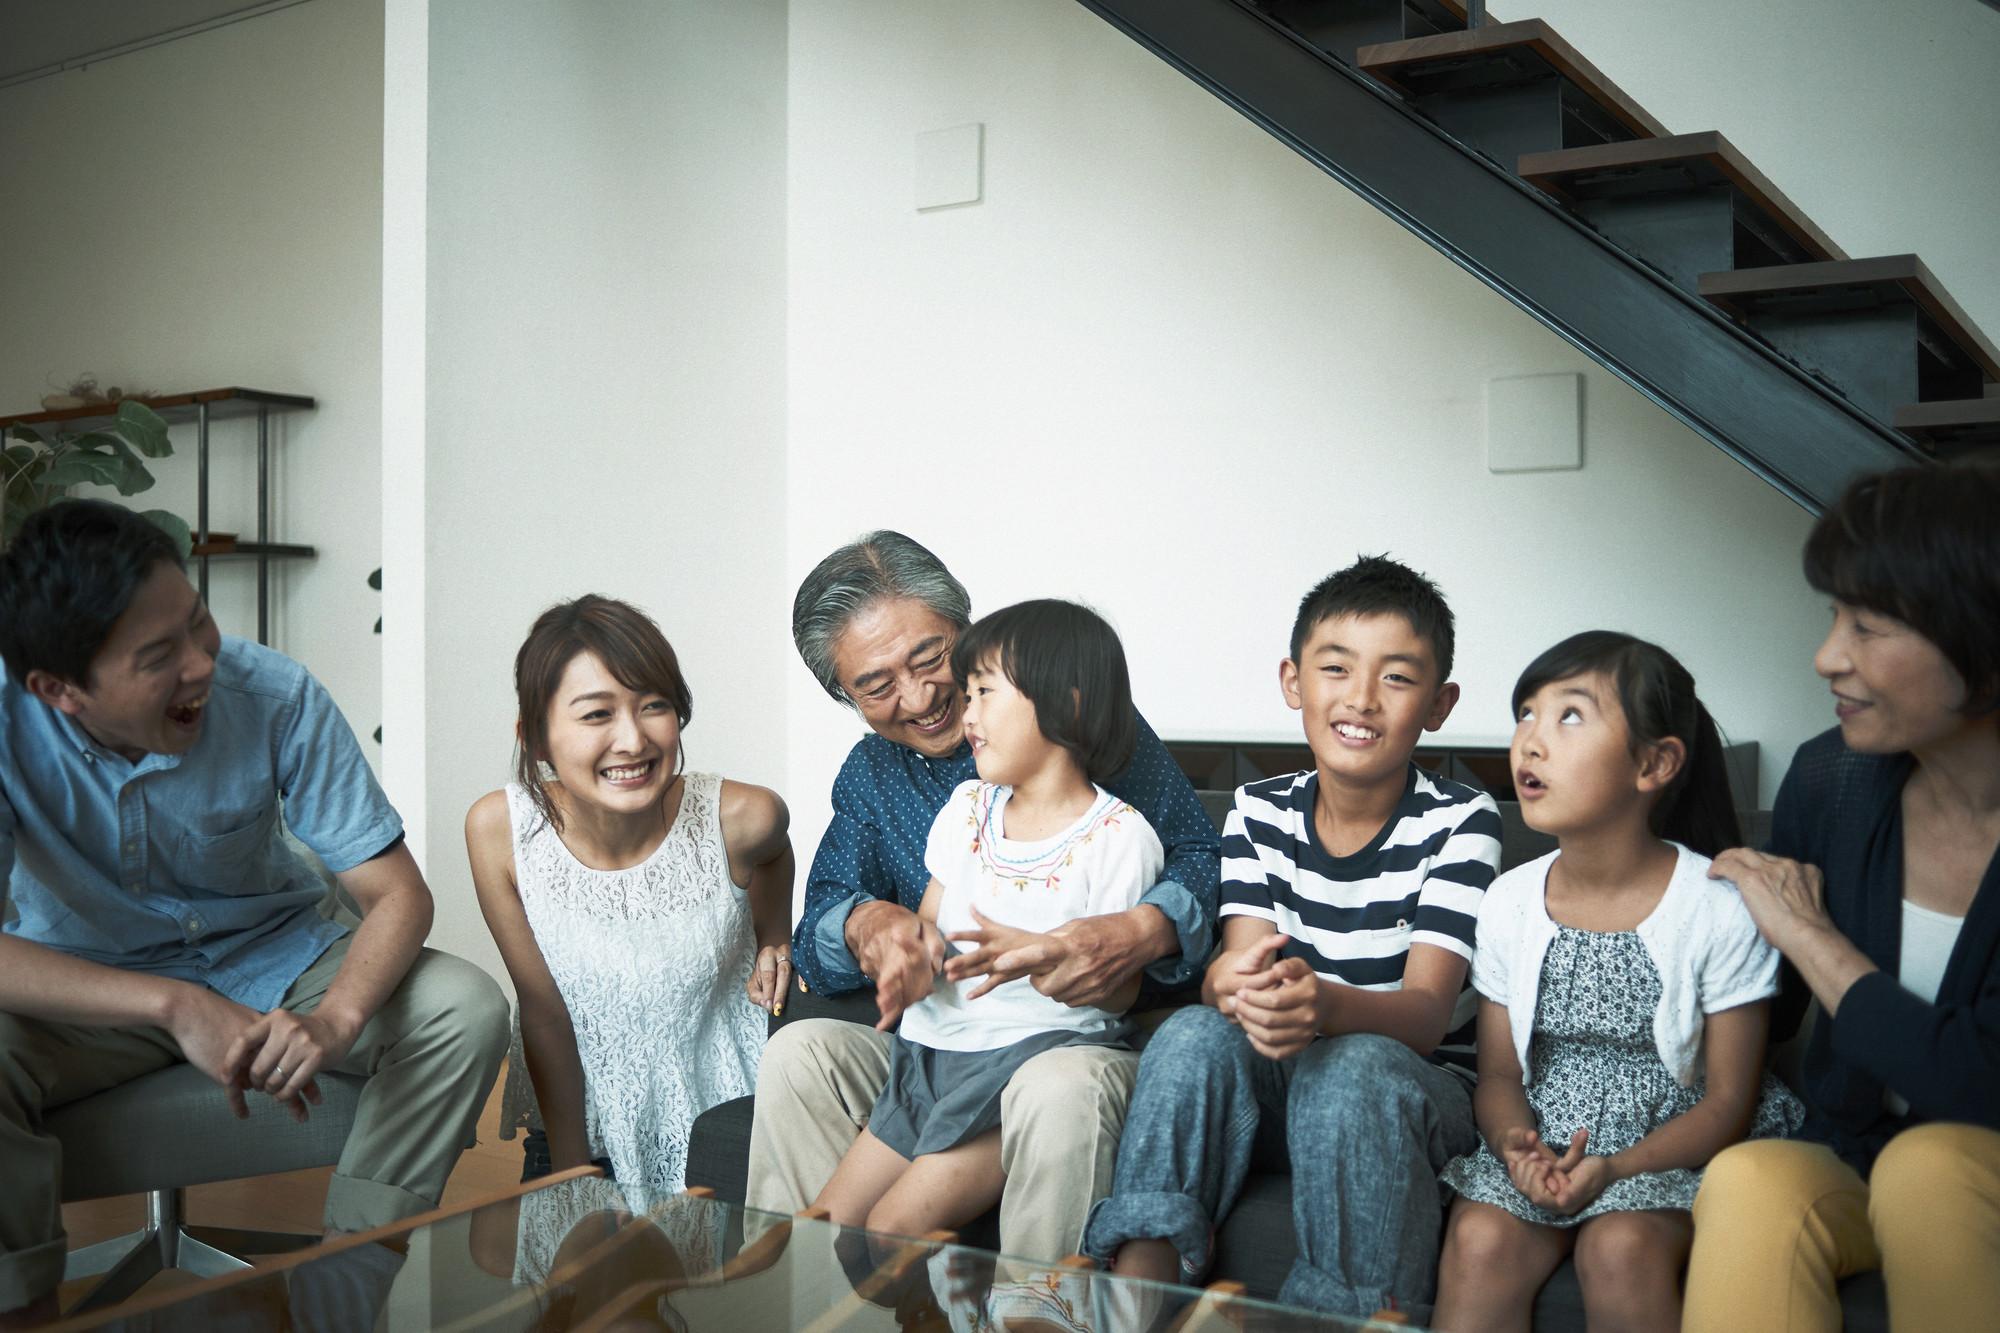 【専門家執筆】最先端技術を活用して健康的に暮らすためのスマートウェルネス住宅とは